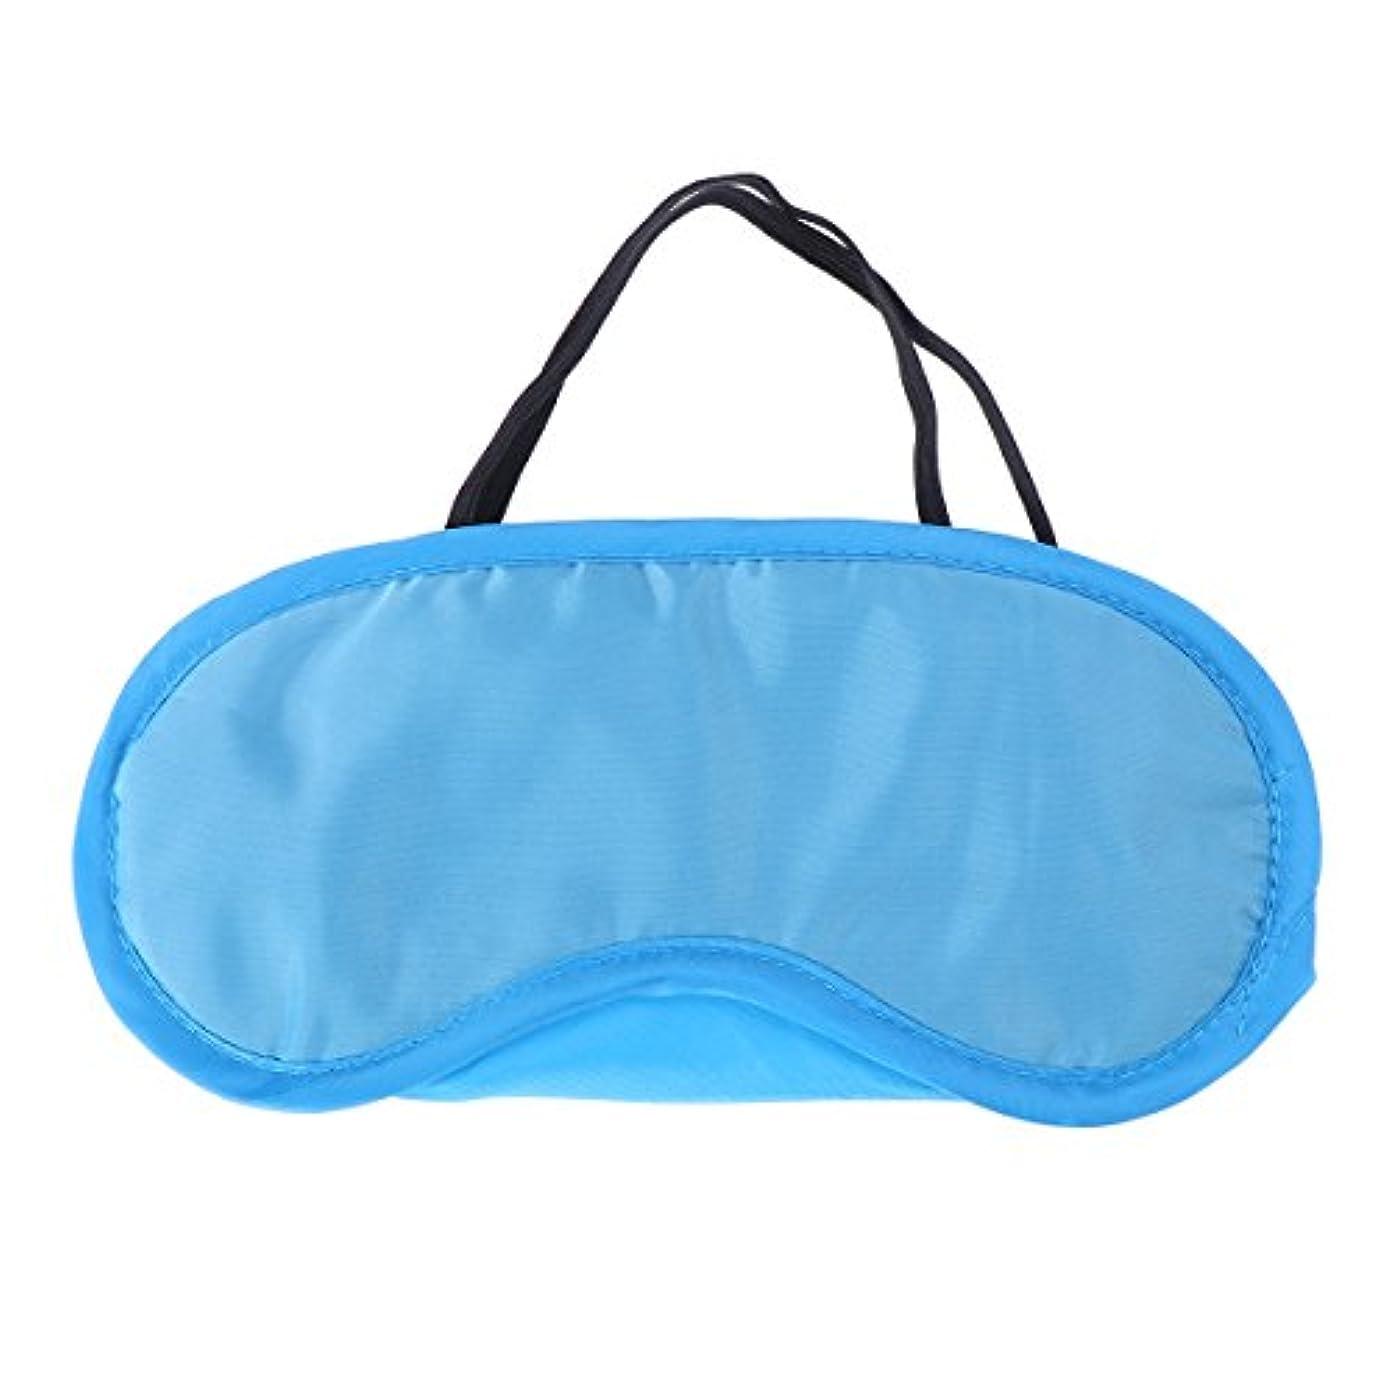 気づくなる密ロデオHEALIFTY 軽量で快適な睡眠のための調整可能なアイマスク(旅行用スカイブルー)